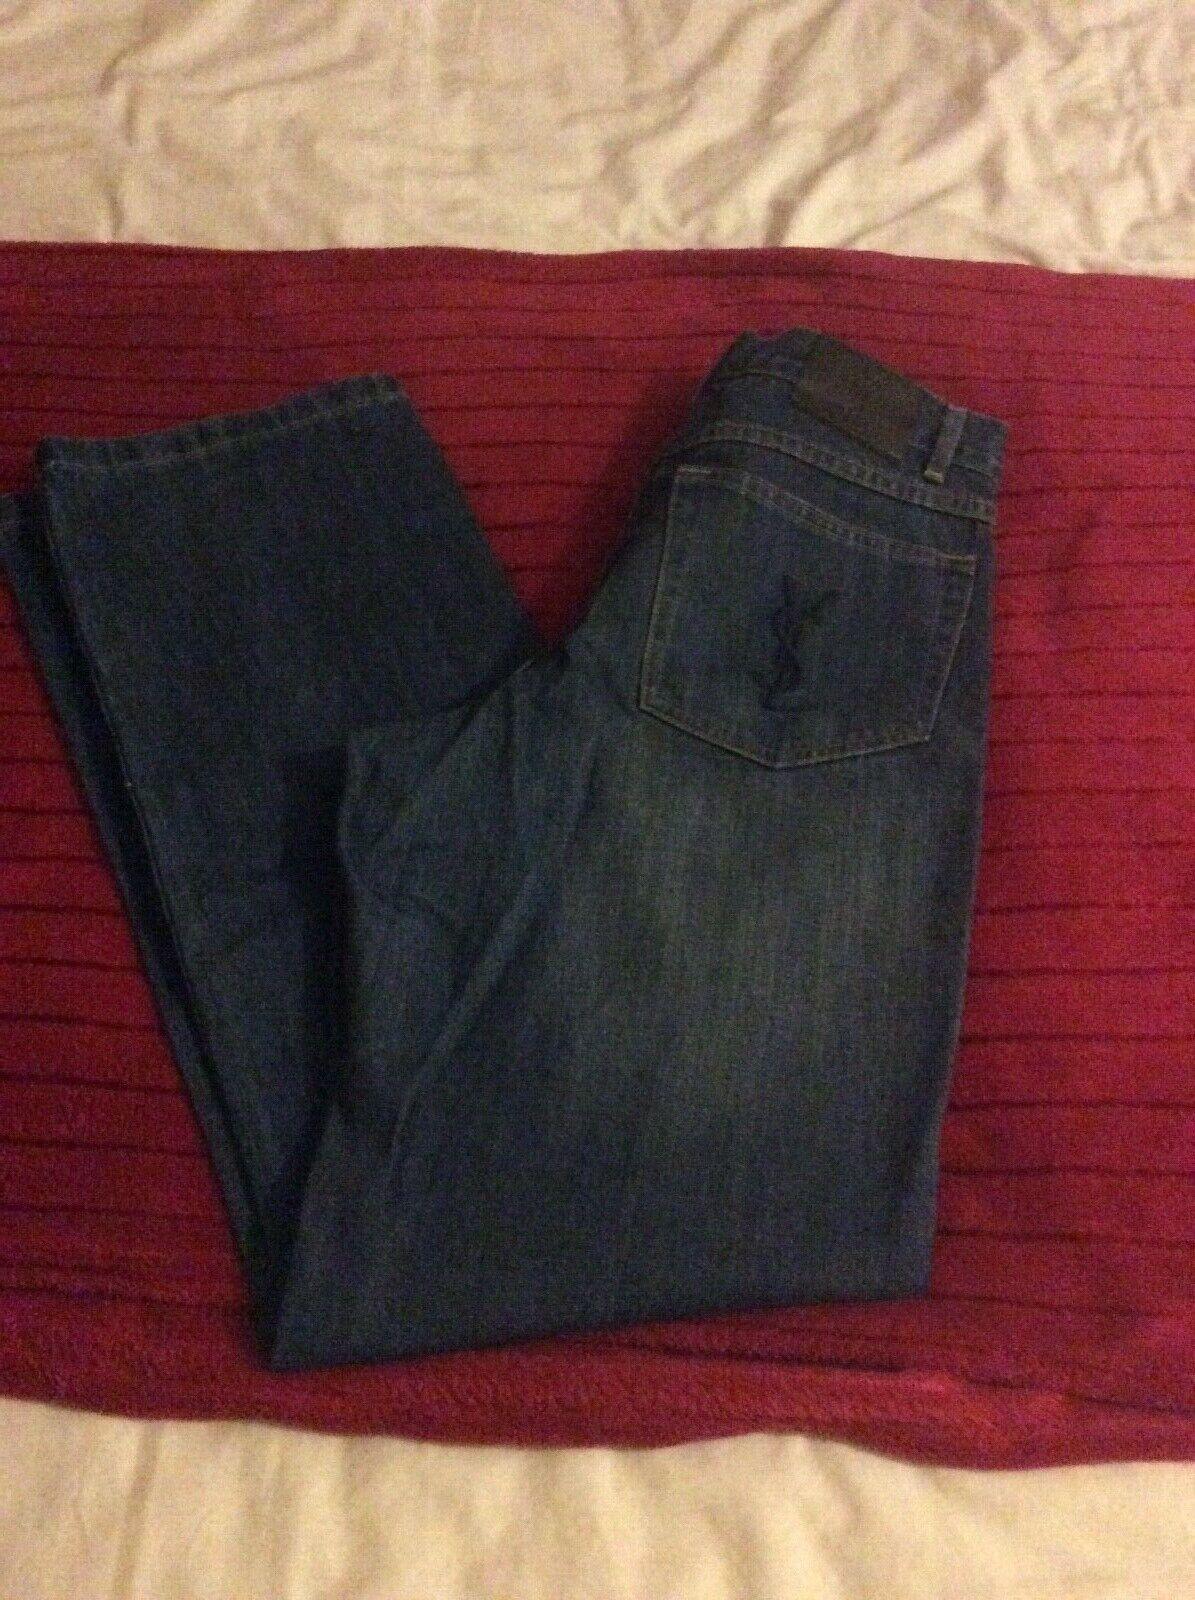 Jeans da Uomo Designer YSL Nuovo Senza Senza Senza Etichetta Taglia Vita 30 Gamba 32 pollici 60bc42